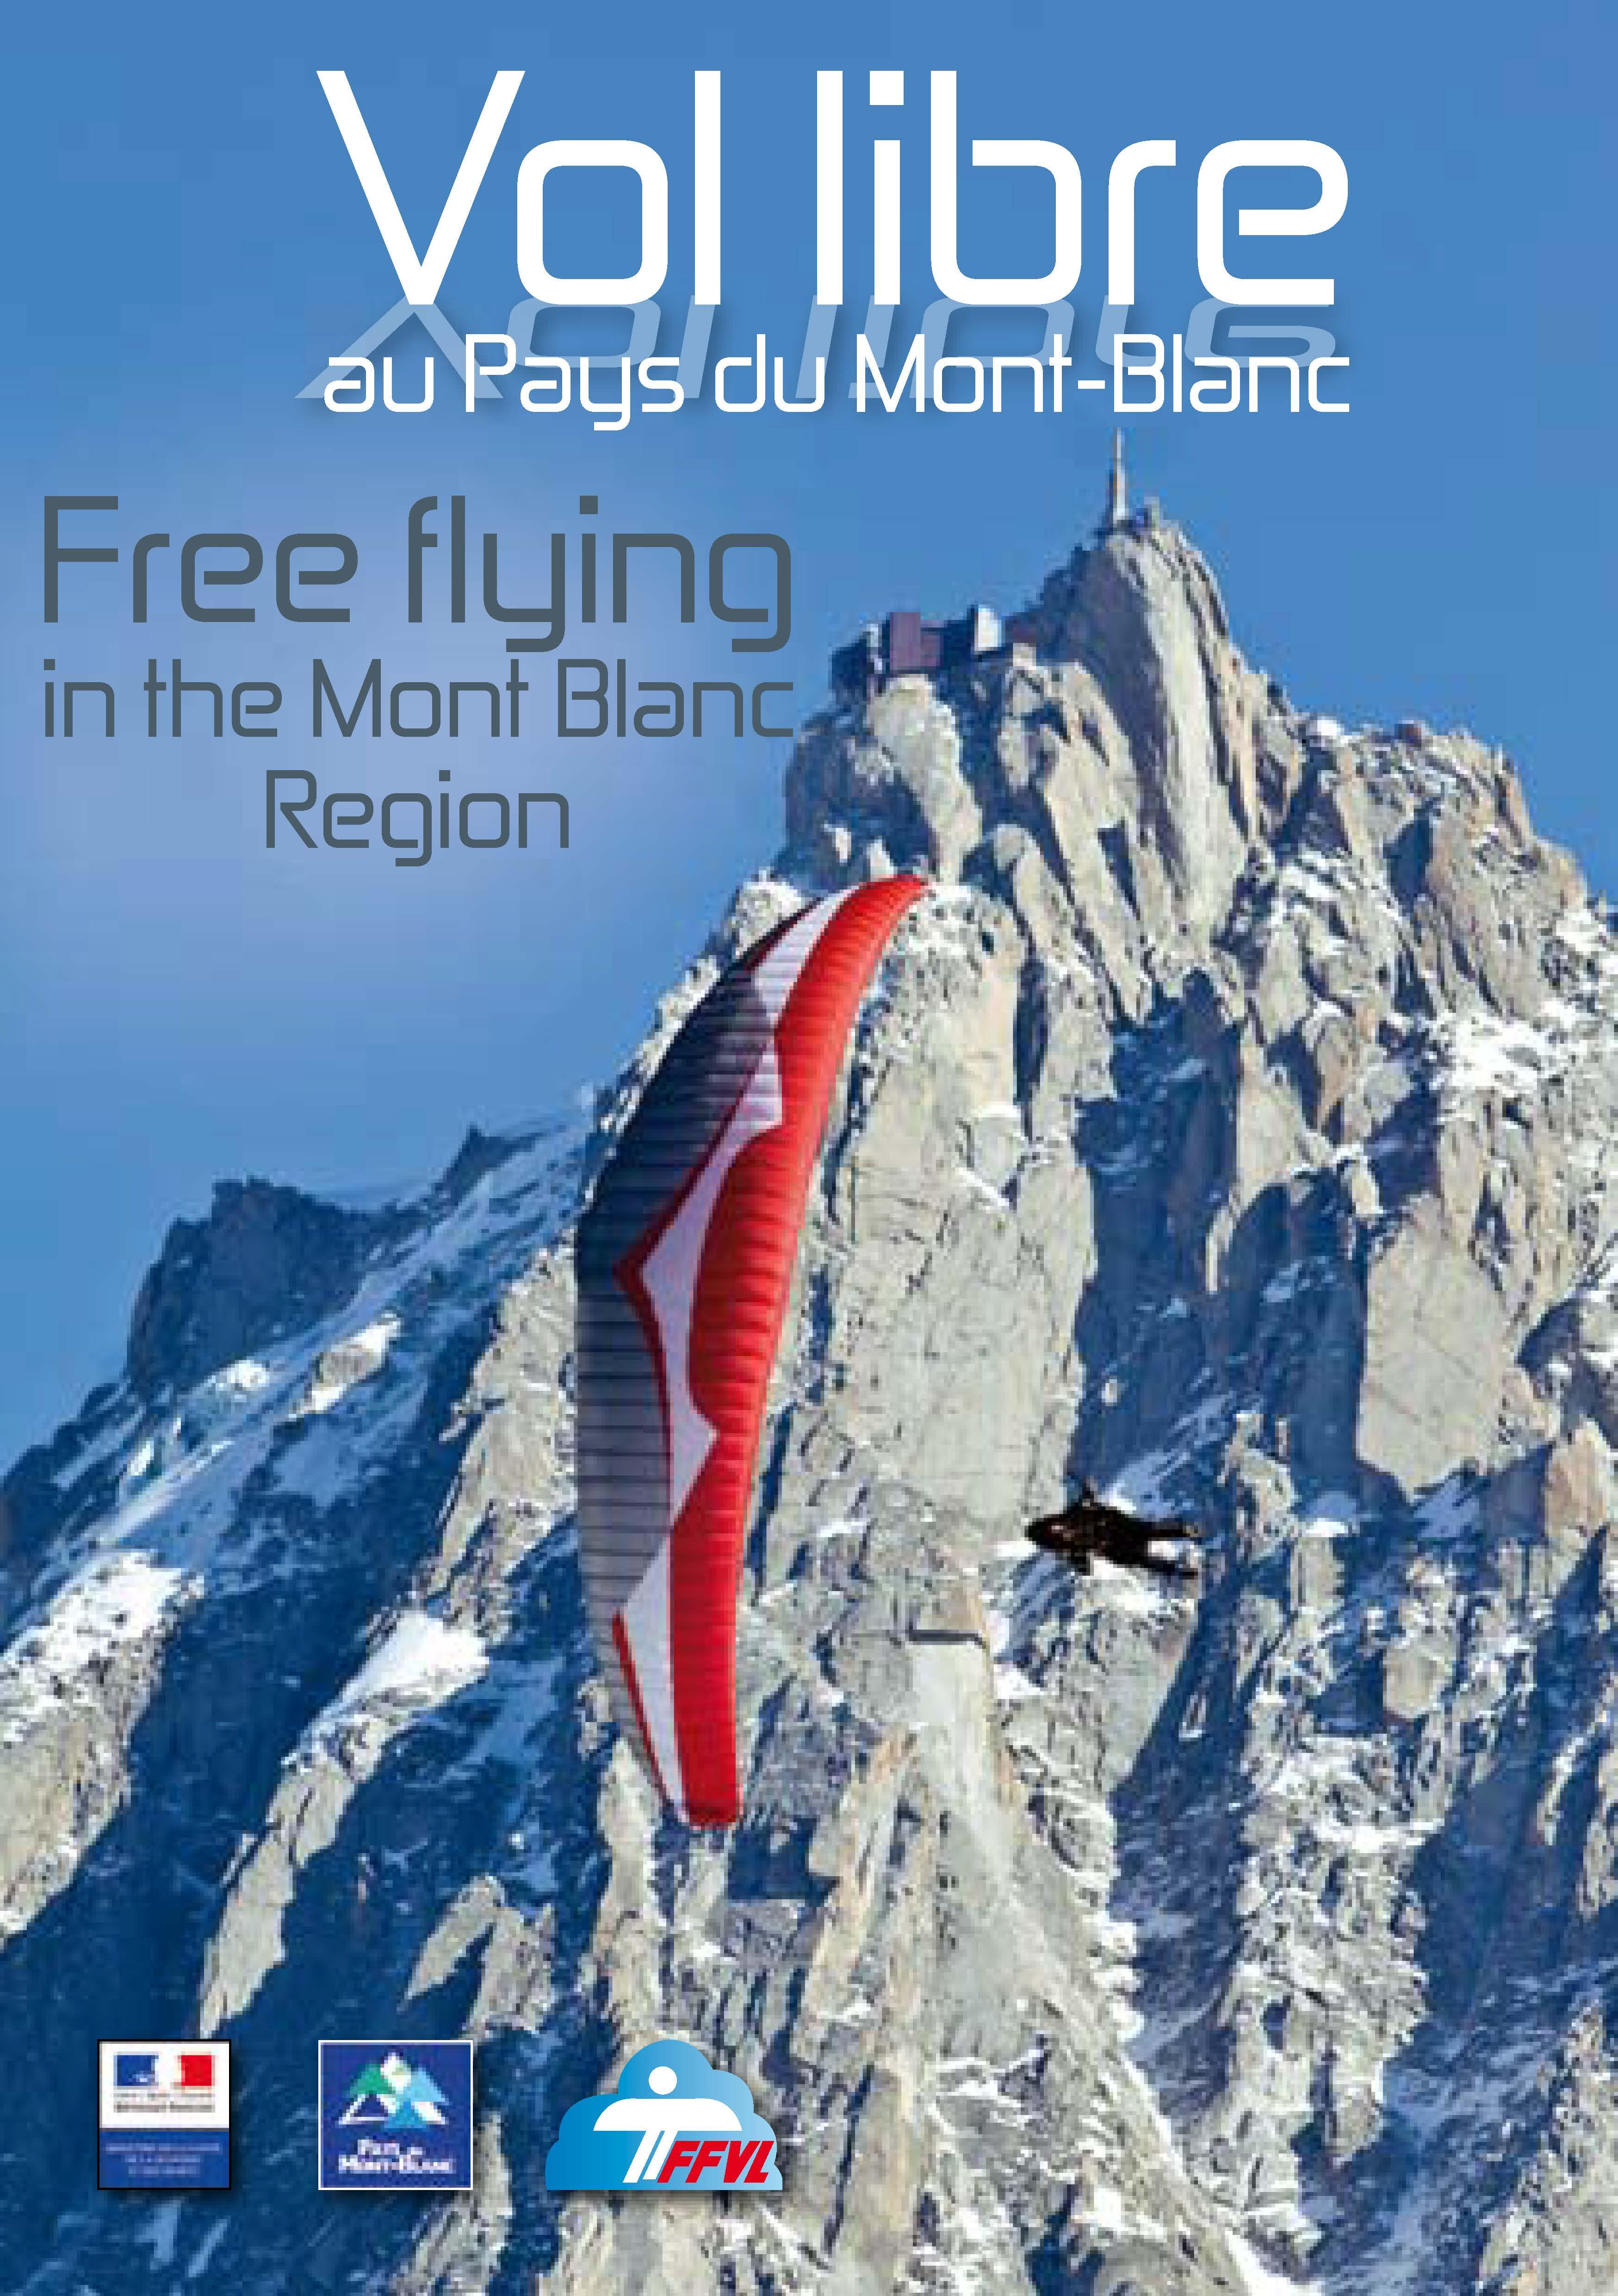 Broschüre mit Infos zum Fliegen rund um den Mont Blanc